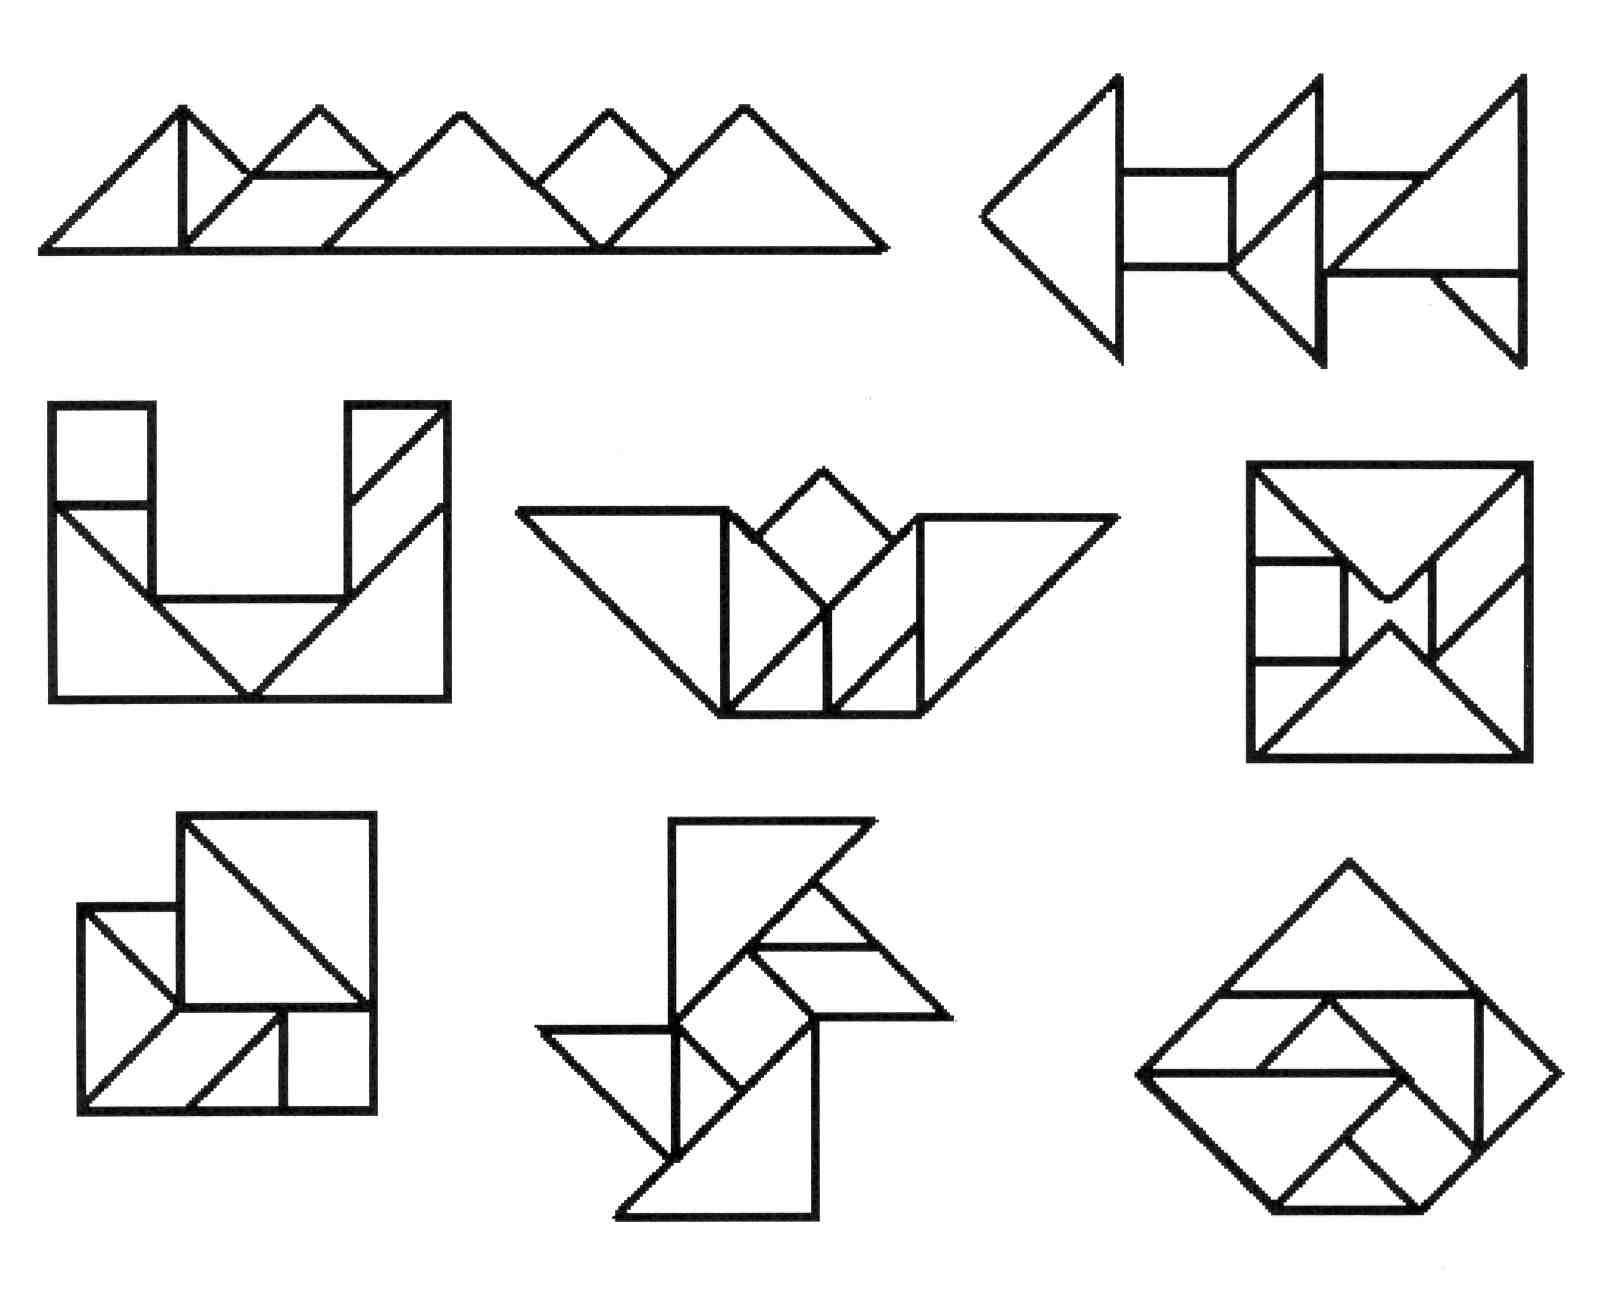 написал головоломки в картинках и схемах некоторых менее